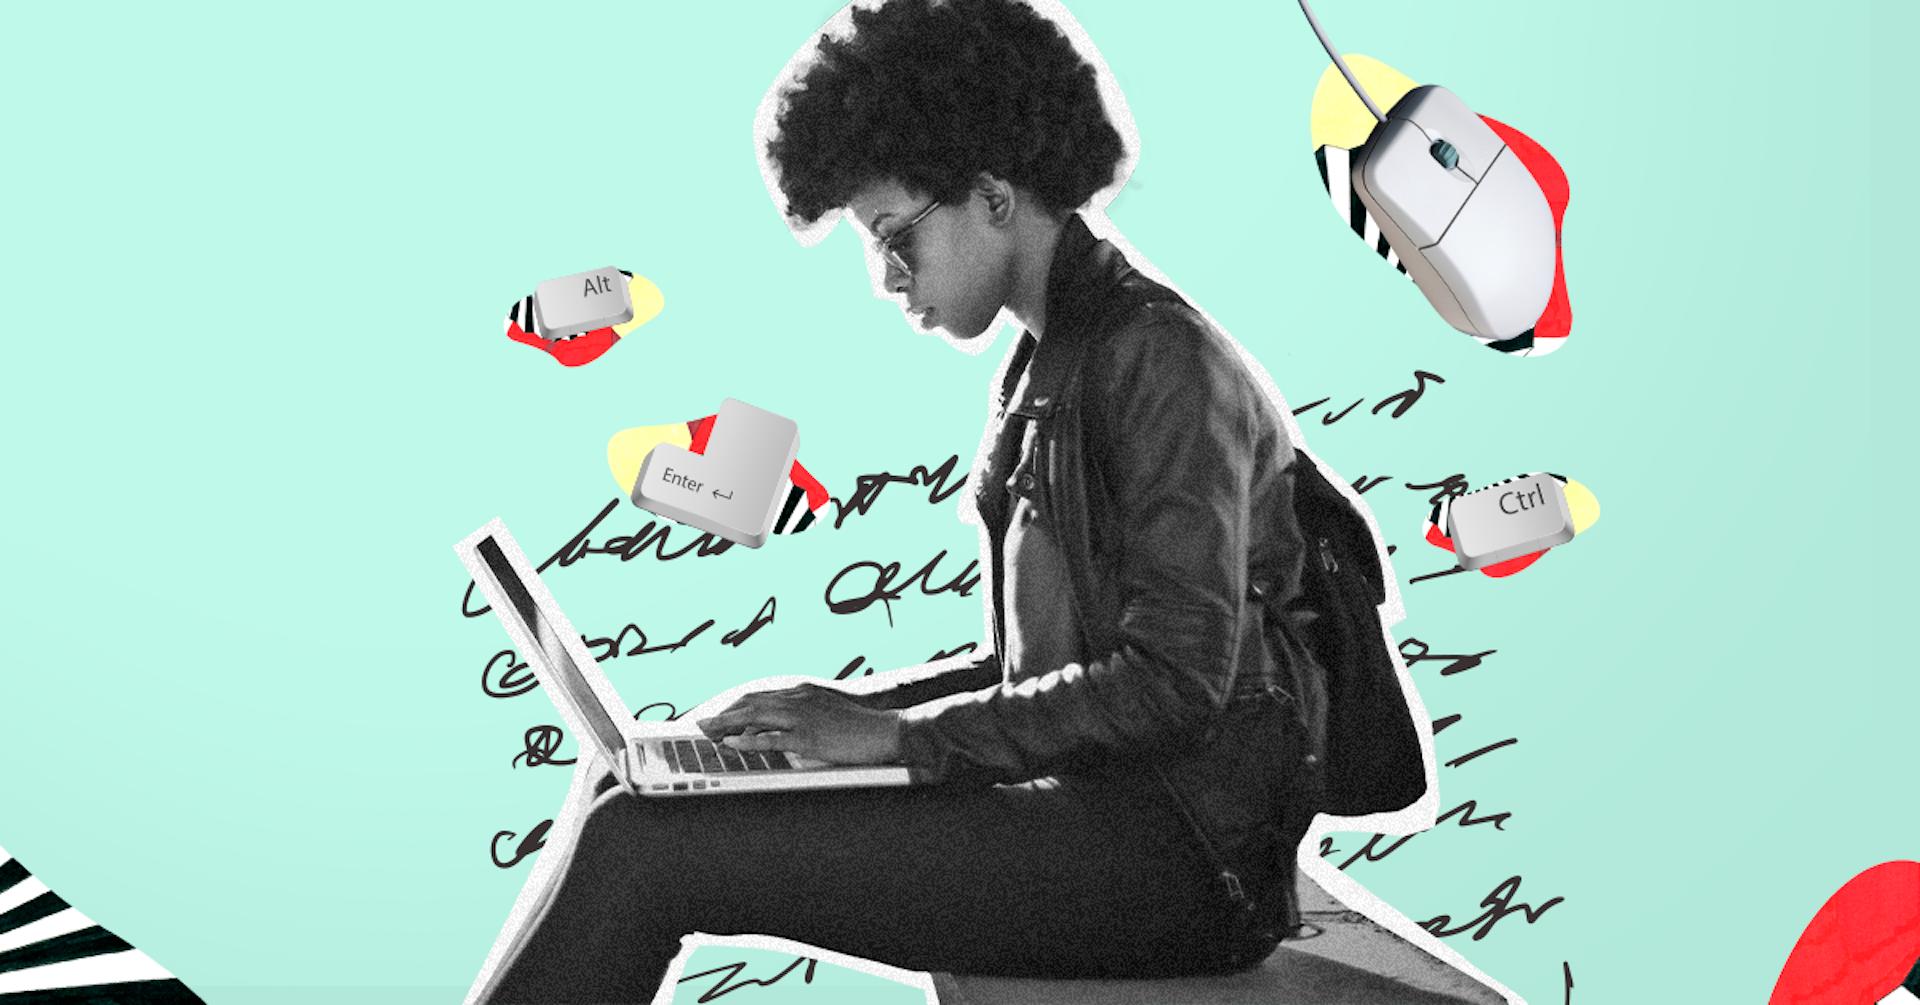 Cómo empezar un blog y no cometer errores de principiante